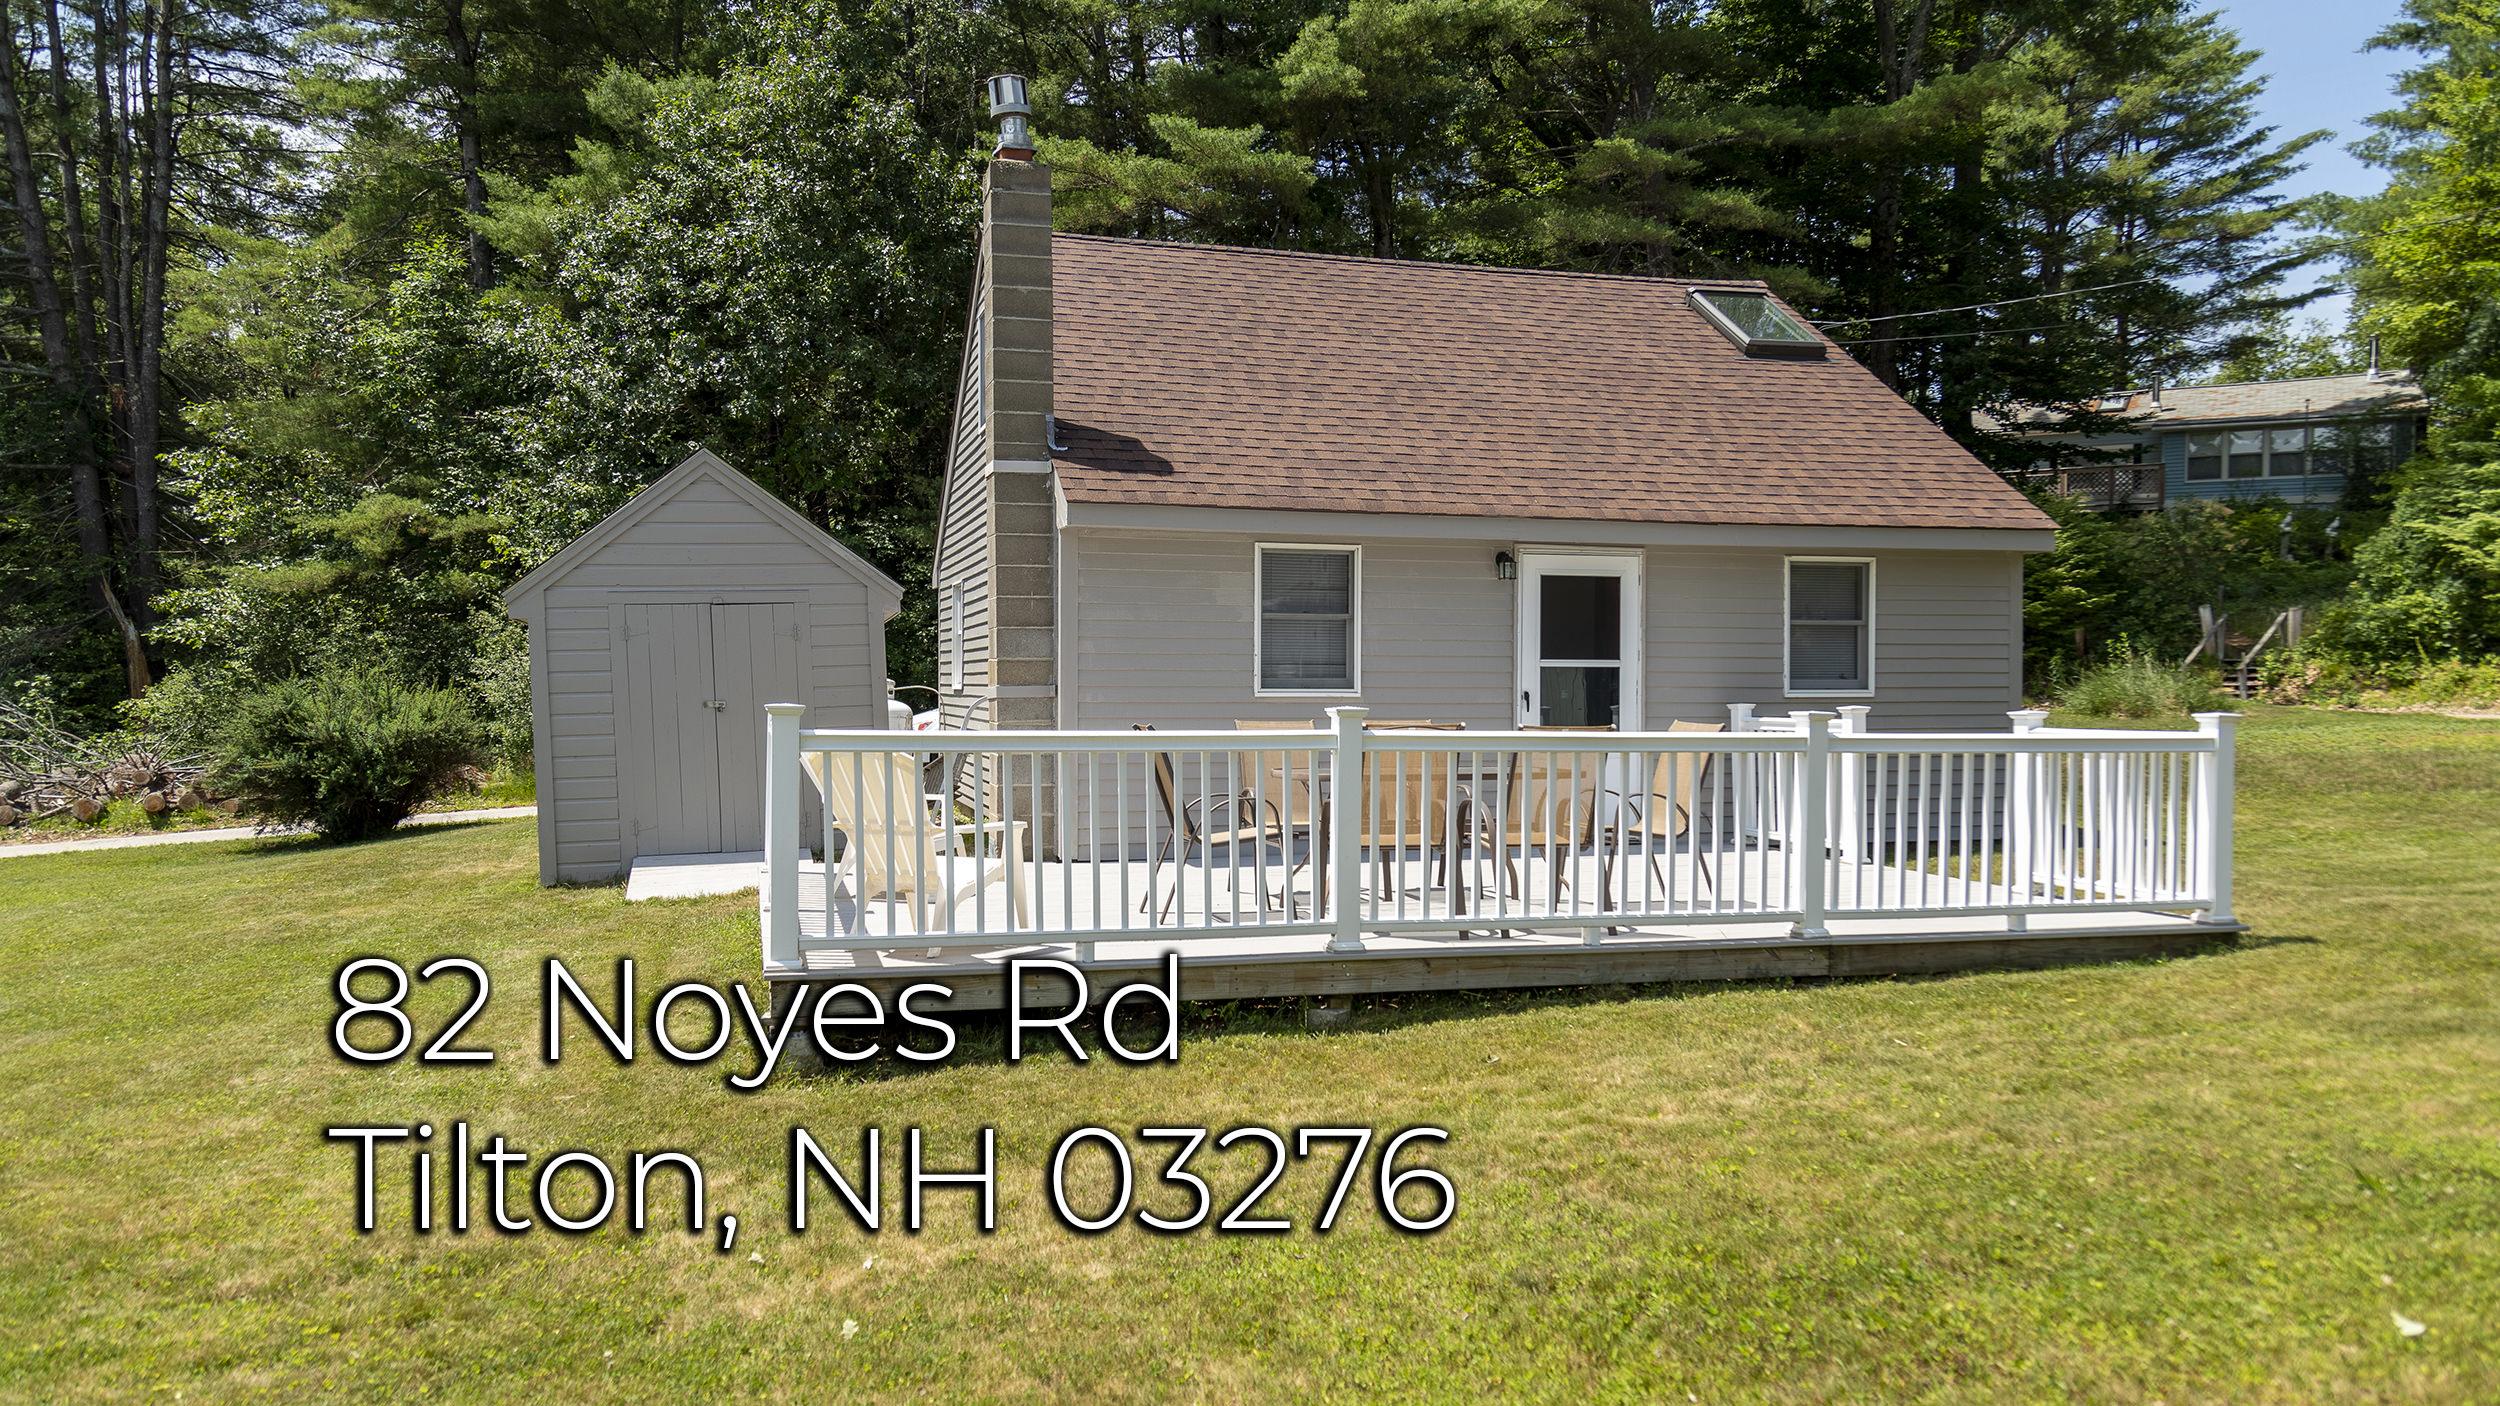 82 Noyes Rd Tilton NH 03276